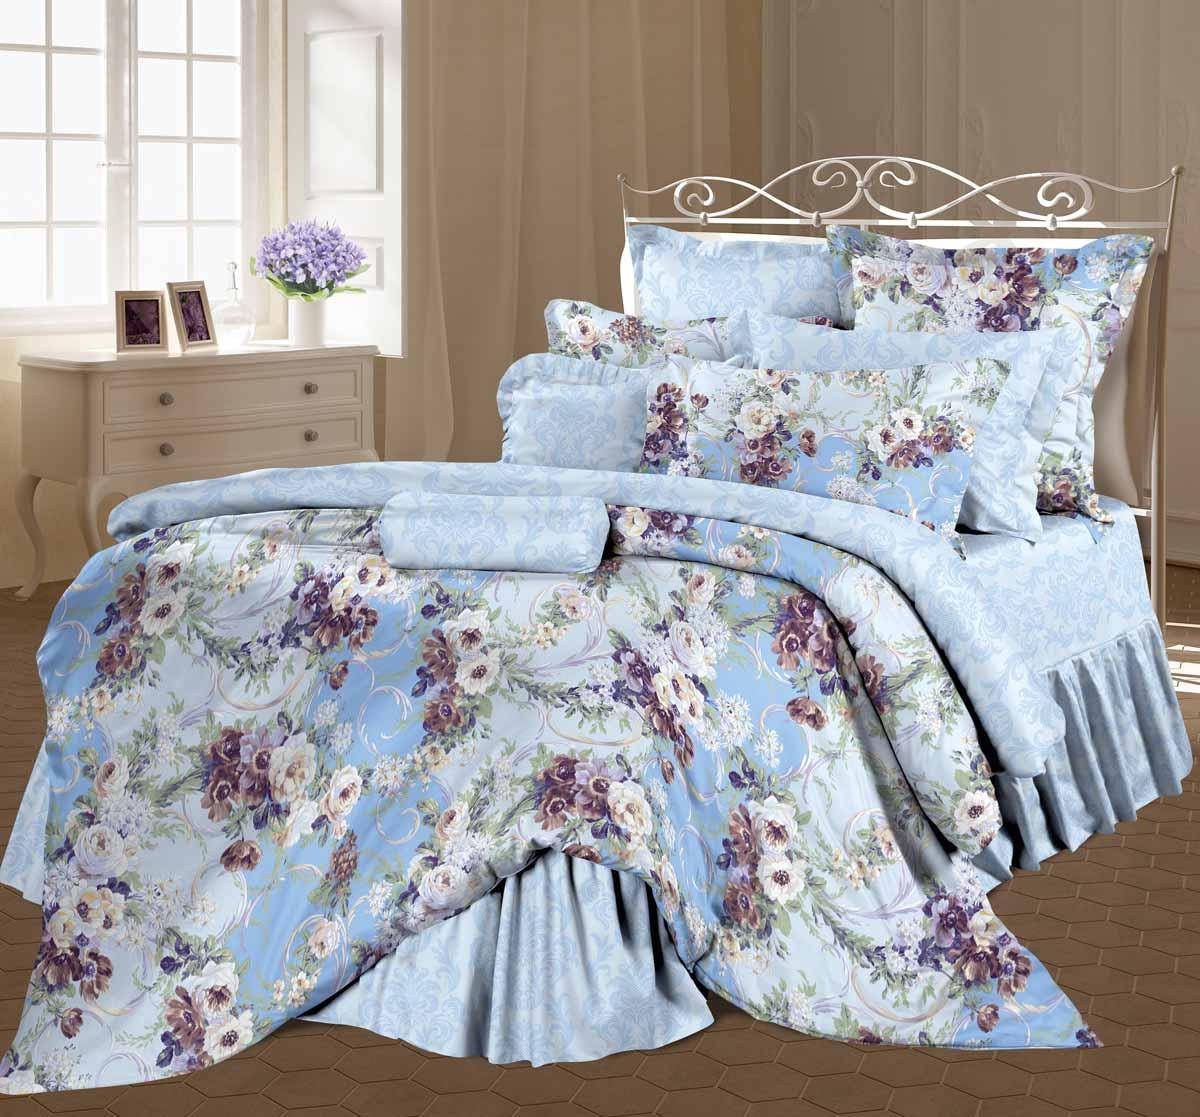 Комплект белья Романтика Мелани, евро, наволочки 70x70, цвет: голубой345221